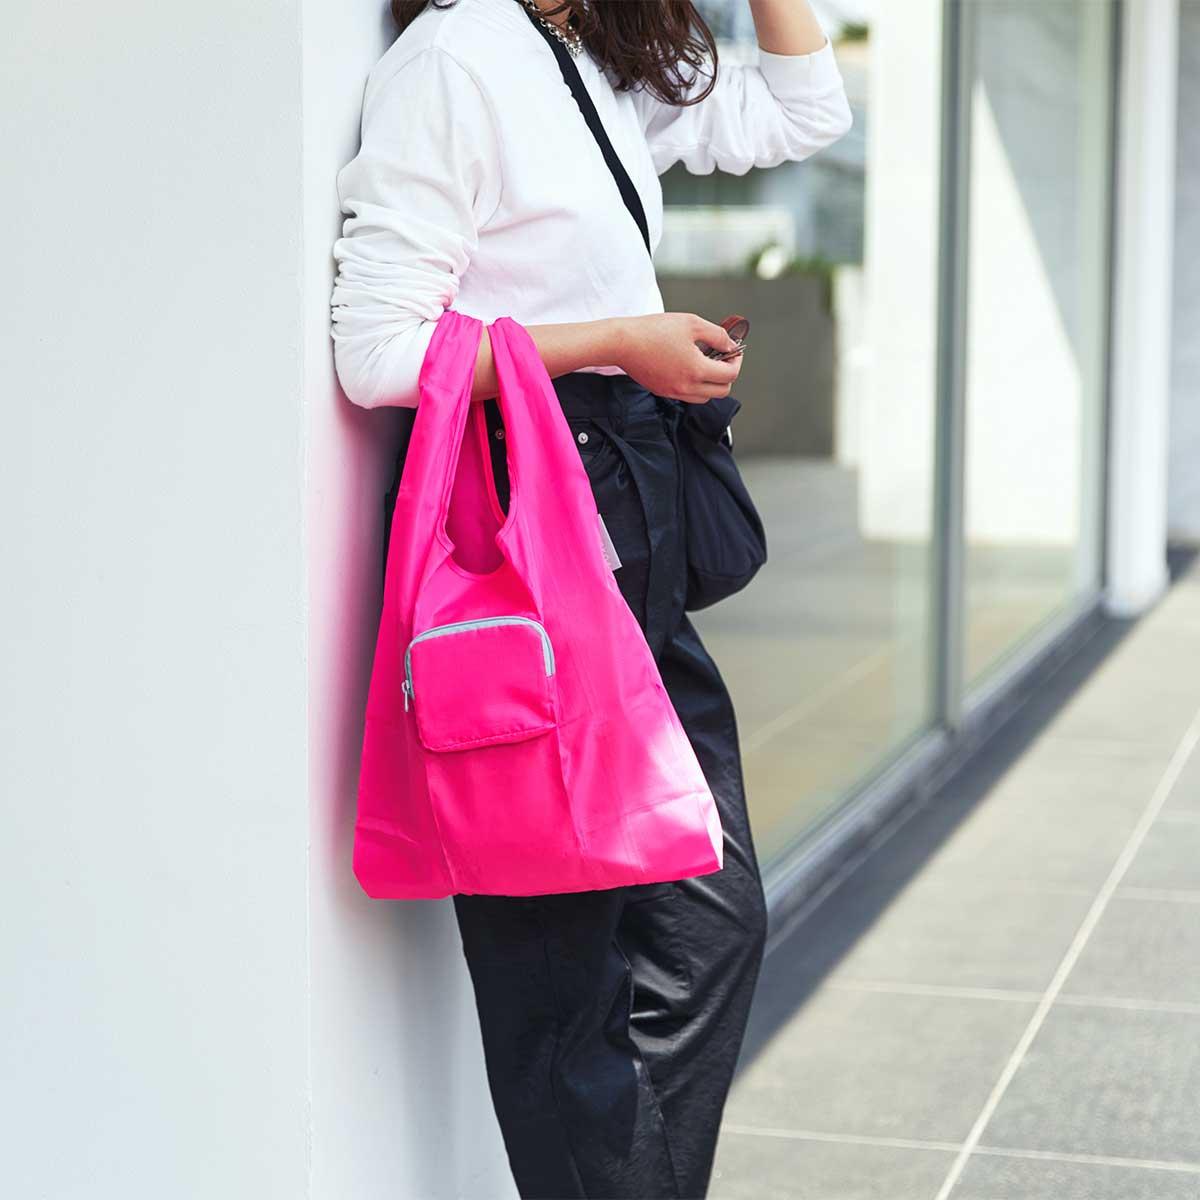 ポケットティッシュサイズの薄型ポーチを開けば、いつもの買い物にちょうどいいサイズ感のレジ袋型トートが出現。ファッションに合わせて選べる豊富なカラー展開。スマートに持ち歩ける折りたたみエコバッグ|KATOKOA